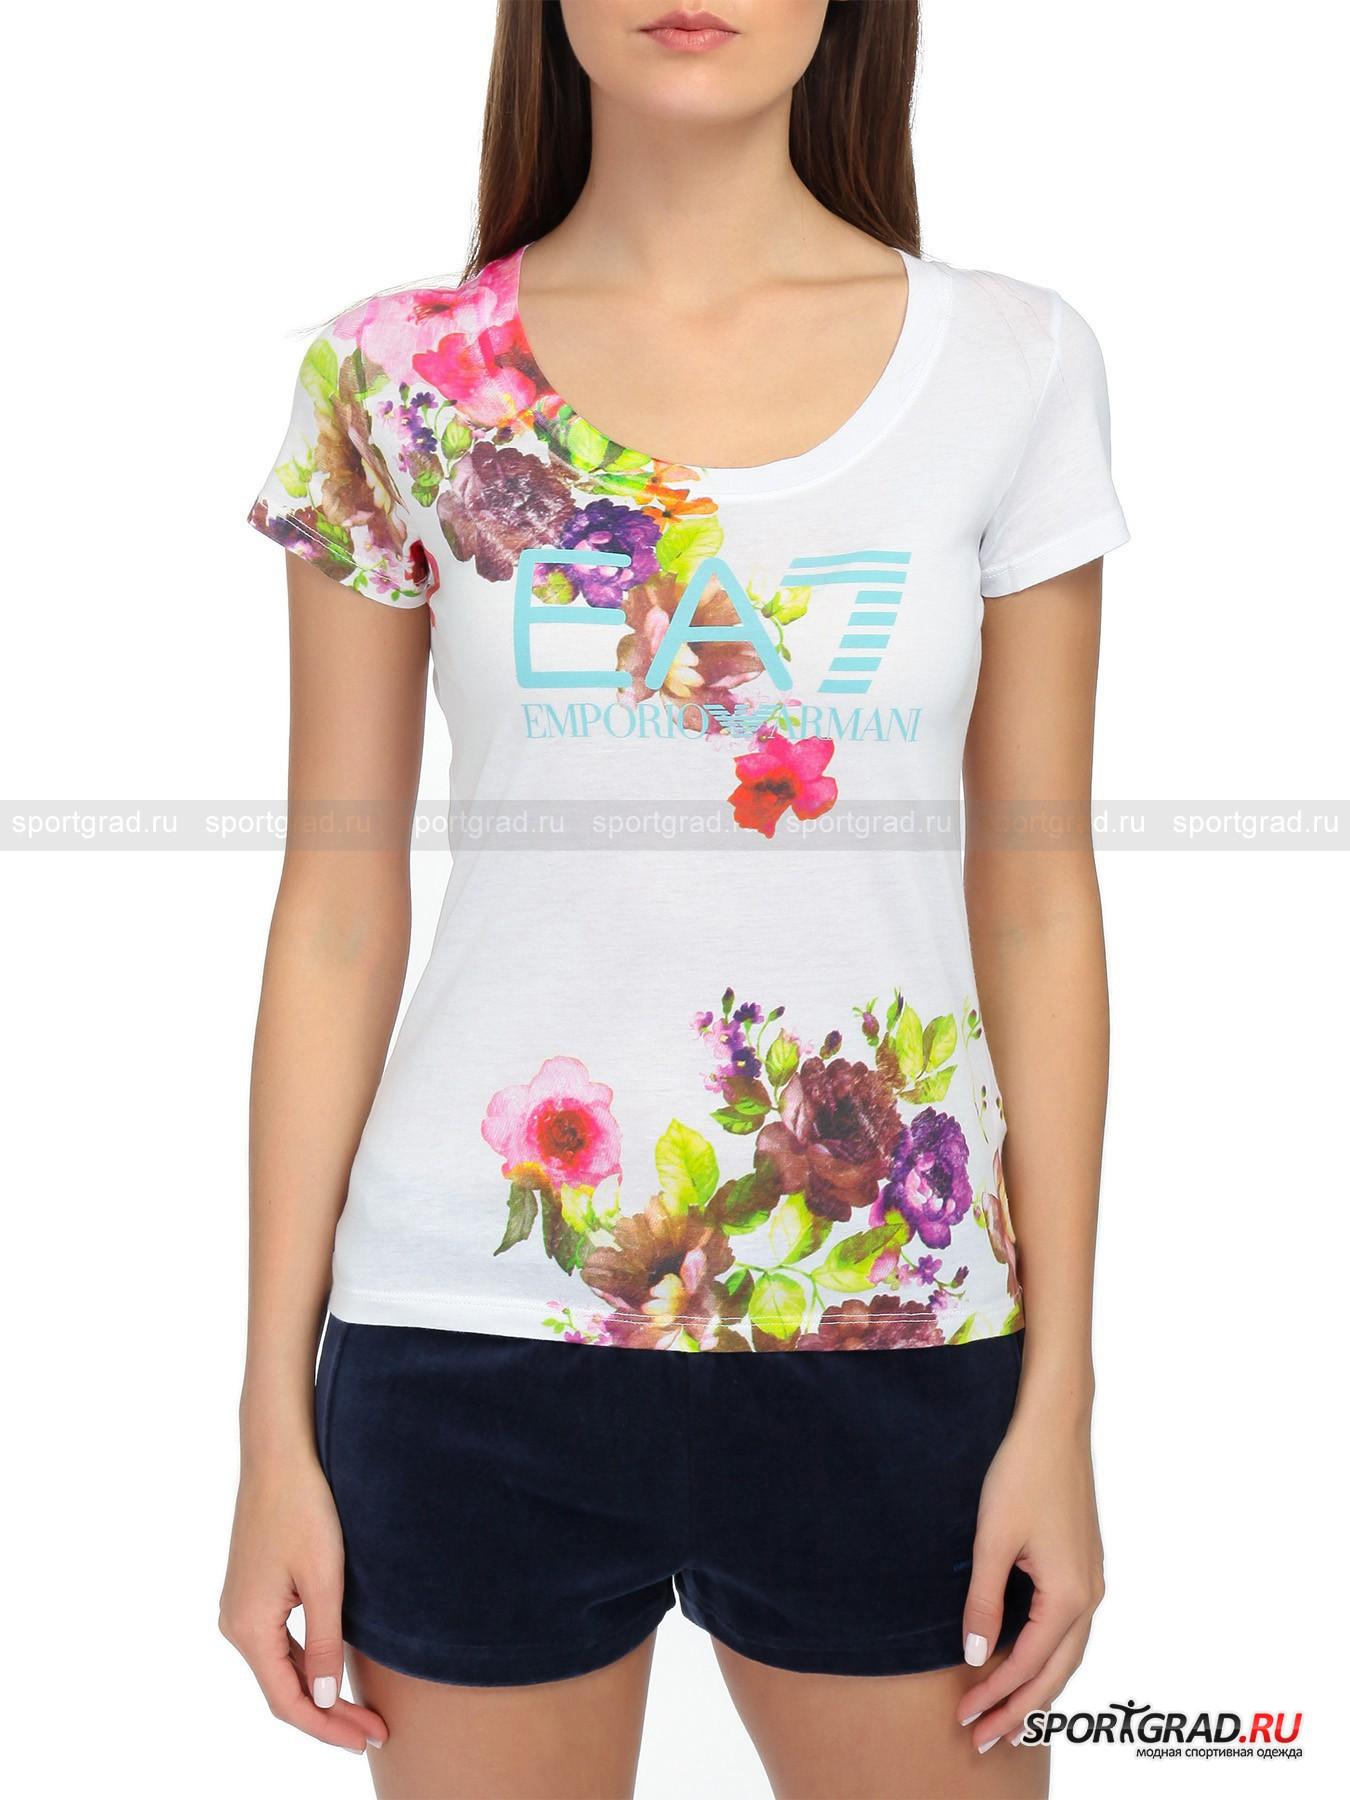 Футболка женская EMPORIO ARMANI TRAIN GRAPH FLOWФутболки<br>Не смотря на обилие строгих дизайнов одежды, EMPORIO ARMANI не забывает и про модели, которые бы дарили своим счастливым обладательницам хорошее настроение. Ведь даже обыкновенного позитивного принта на футболке может хватить, чтобы улыбка как можно реже сходила с уст.  TRAIN GRAPH FLOW помимо своего оригинального оформления отличается классическим силуэтом футболки направления streetwear. При этом она относится к спортивной линии итальянского бренда под названием EA7, а значит, она актуальна для всех поклонниц активного отдыха и подвижного образа жизни.<br><br>•Глубокий круглый вырез ворота<br>•Винтажный вид<br>•Принт с изображением цветов<br>•Фирменный логотип компании<br><br>Пол: Женский<br>Возраст: Взрослый<br>Тип: Футболки<br>Рекомендации по уходу: Стирка при температуре 30 С. Не отбеливать. Сушка в барабане запрещена. Не гладить. Не подвергать химчистке. Стирать, вывернув наизнанку.<br>Состав: 50% модал/50% хлопок.